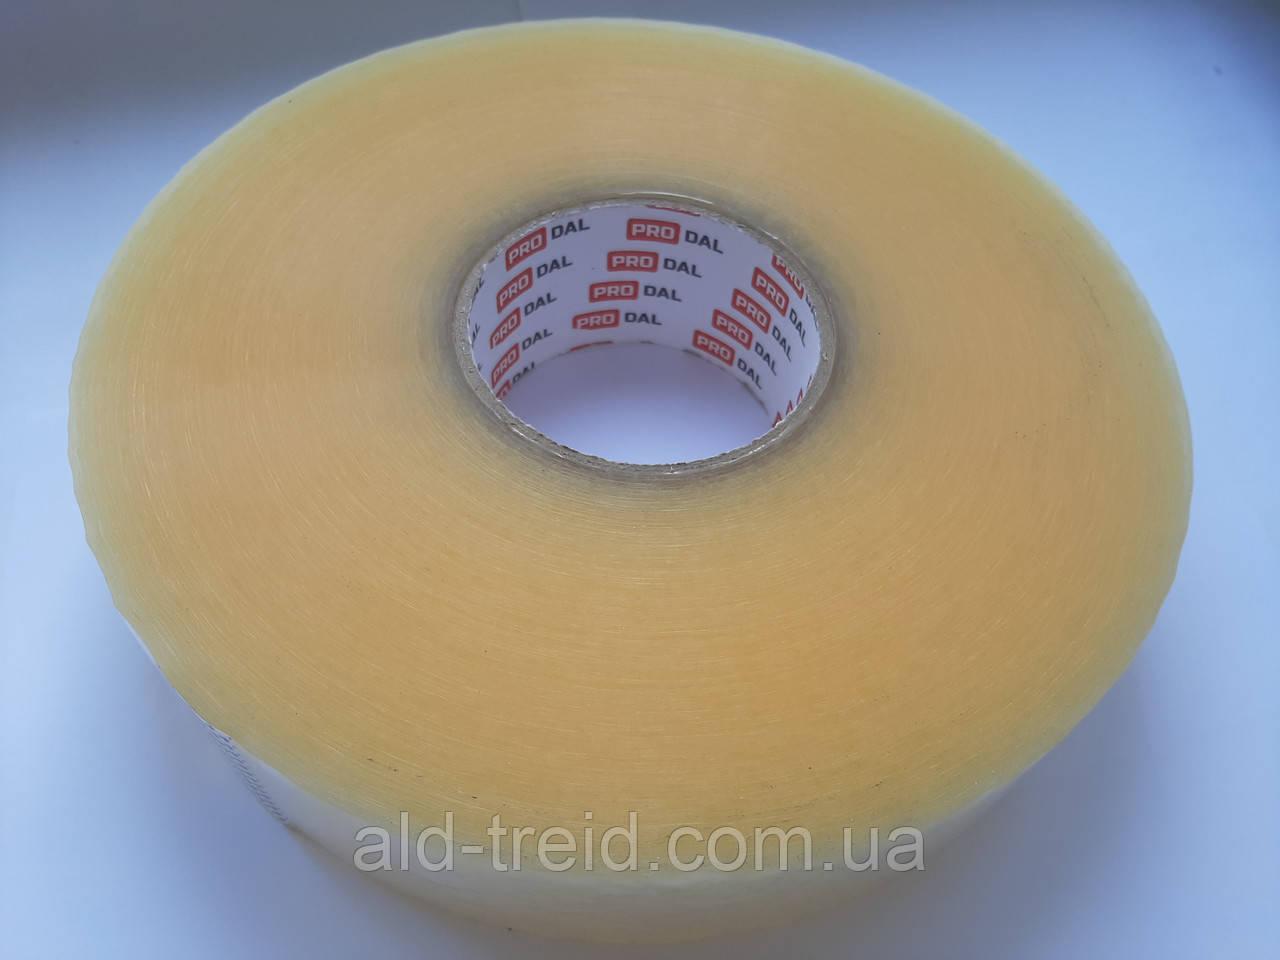 Стрічка пакувальна машинна (скотч) 48*1000 (40 мкм) Power Tape